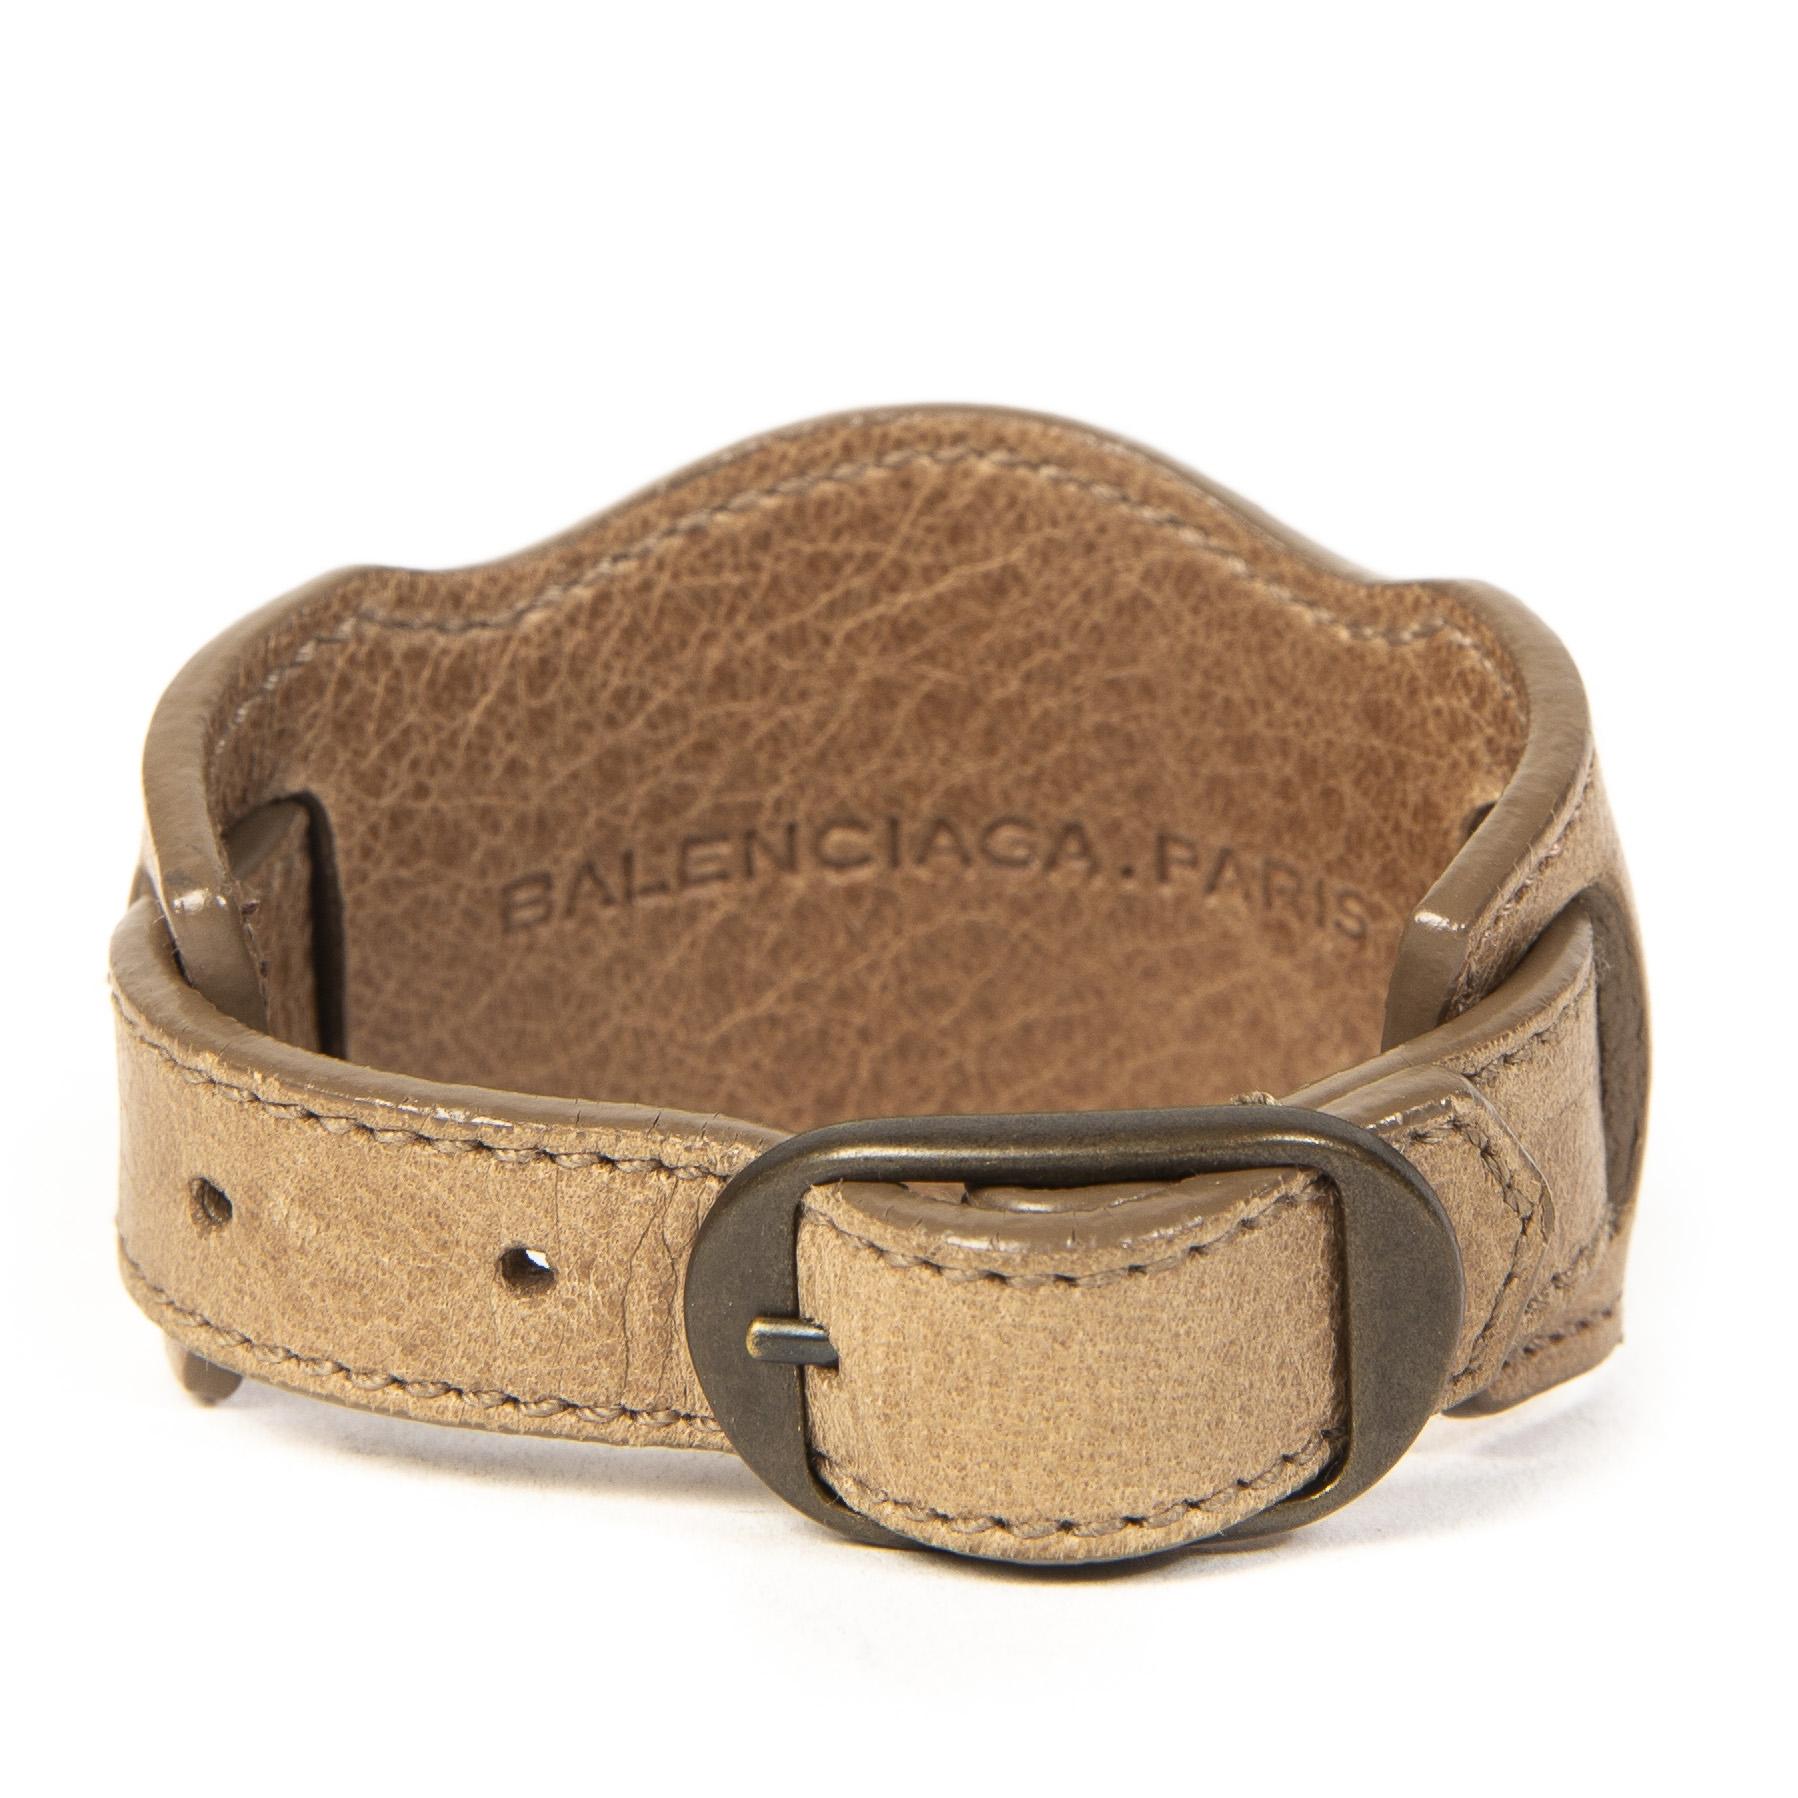 Authentieke tweedehands Balenciaga Beige Double Stud Bracelet juiste prijs veilig online winkelen LabelLOV webshop luxe merken winkelen Antwerpen België mode fashion